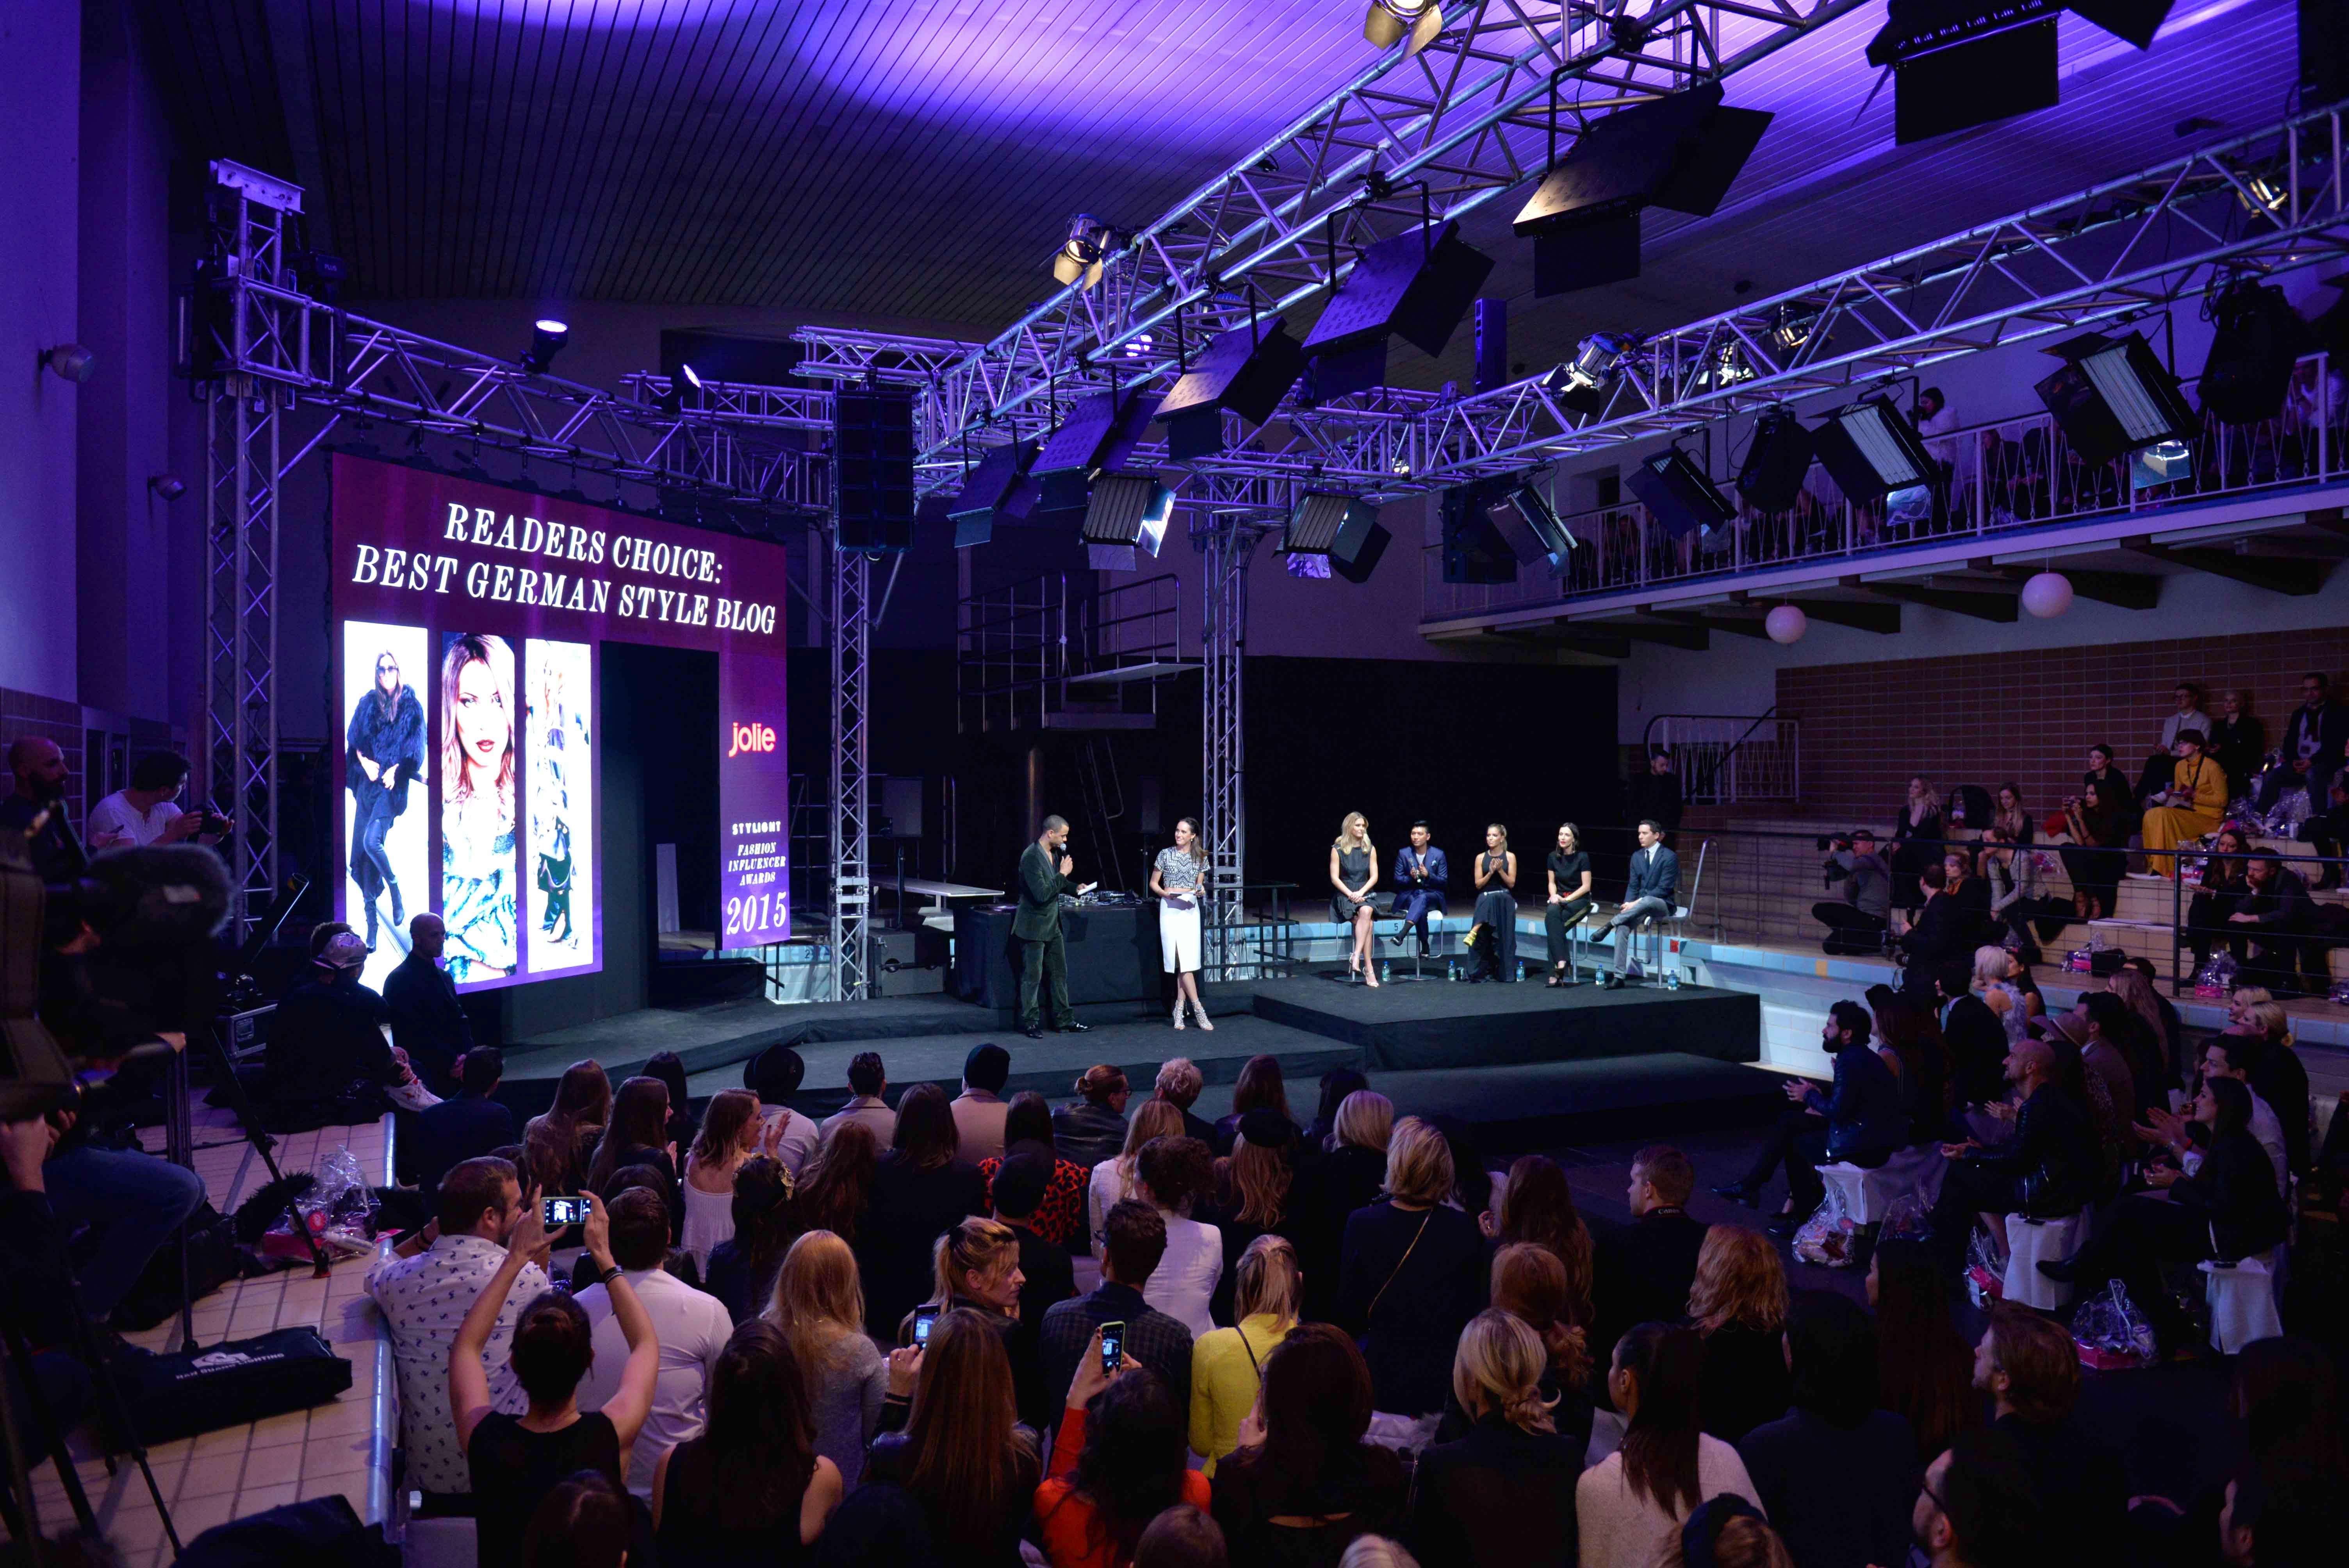 Stylight Fashion Influencer Awards 2015 in Berlin BOUEDIBELA, LOUISE ROE, BAR REFAELI, BRYANBOY, SYLVIE MEIS, ANITA TILLMANN, BENJAMIN GÜNTHER